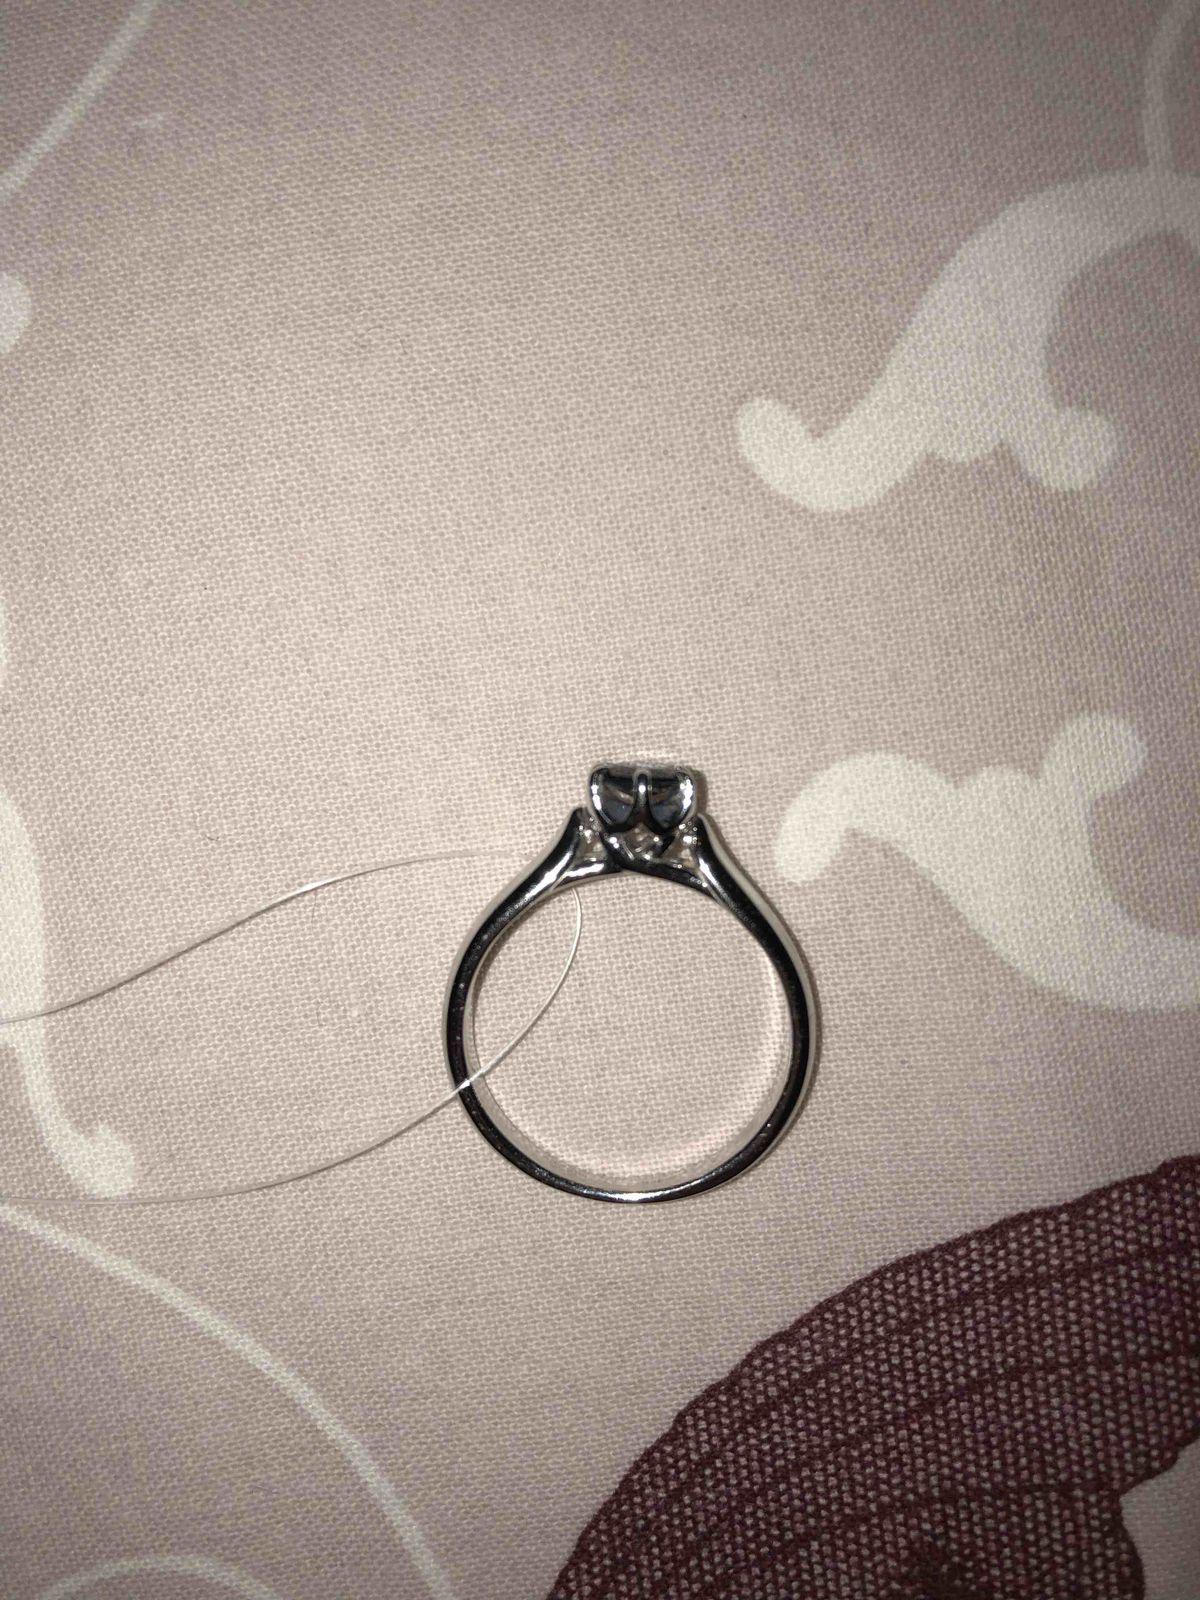 Брак или намеренный обман